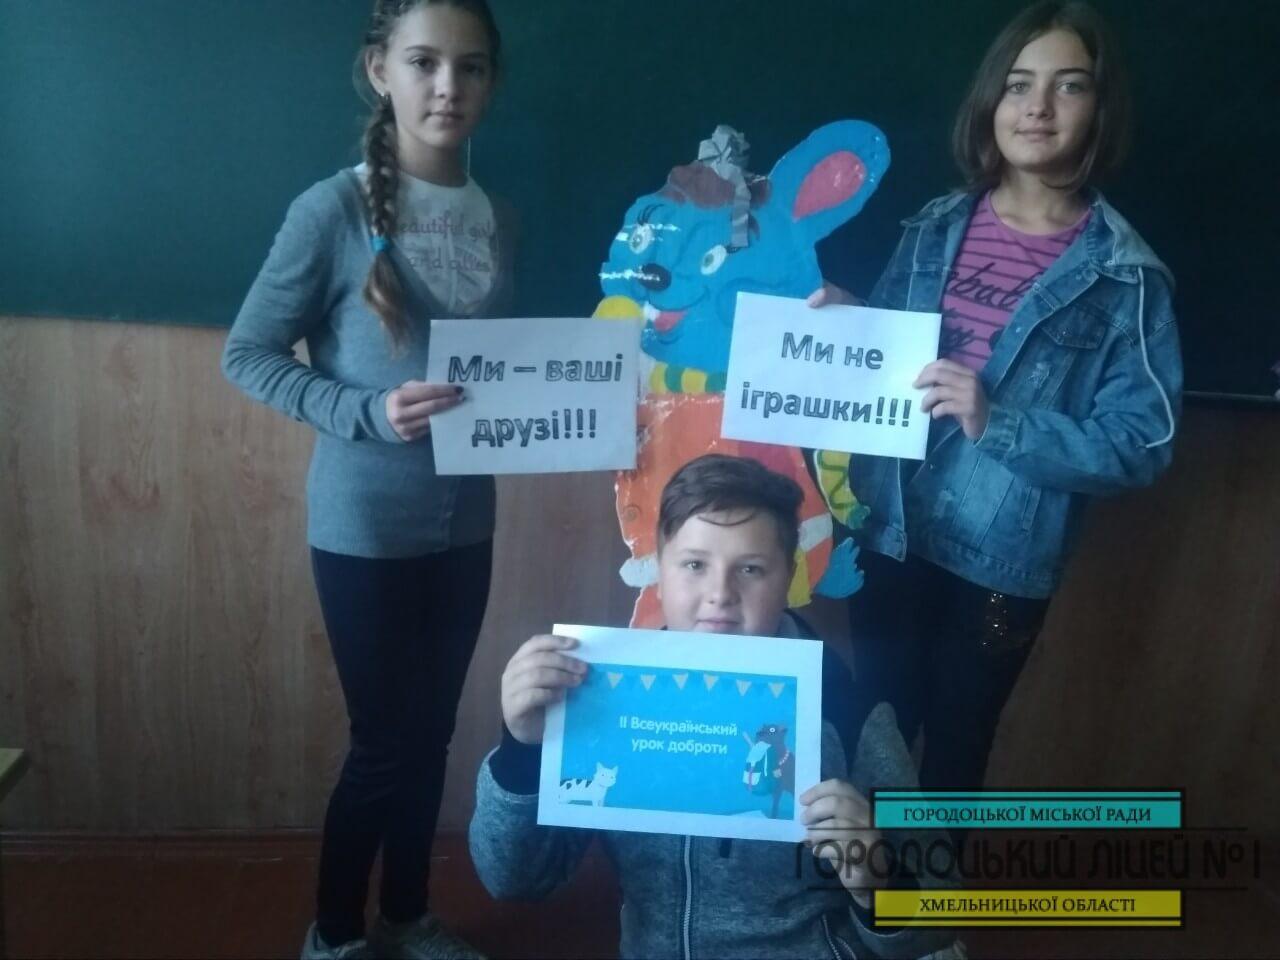 7b - Всеукраїнський урок доброти